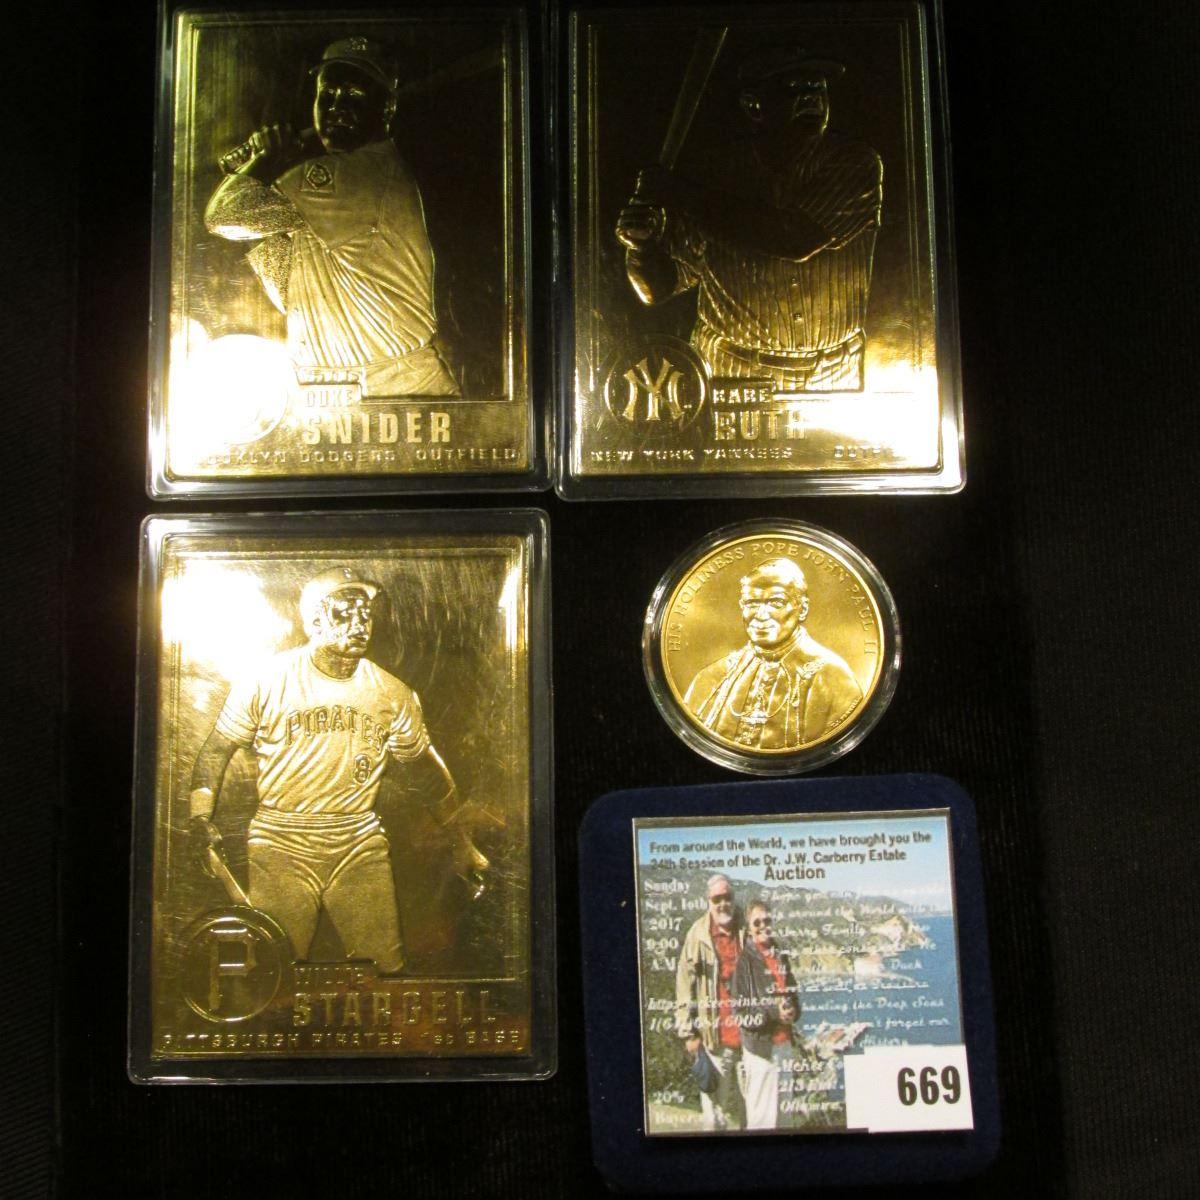 Duke Snider Willie Stargell Babe Ruth 24k Gold Plated Baseball Cards A Cased Pope John